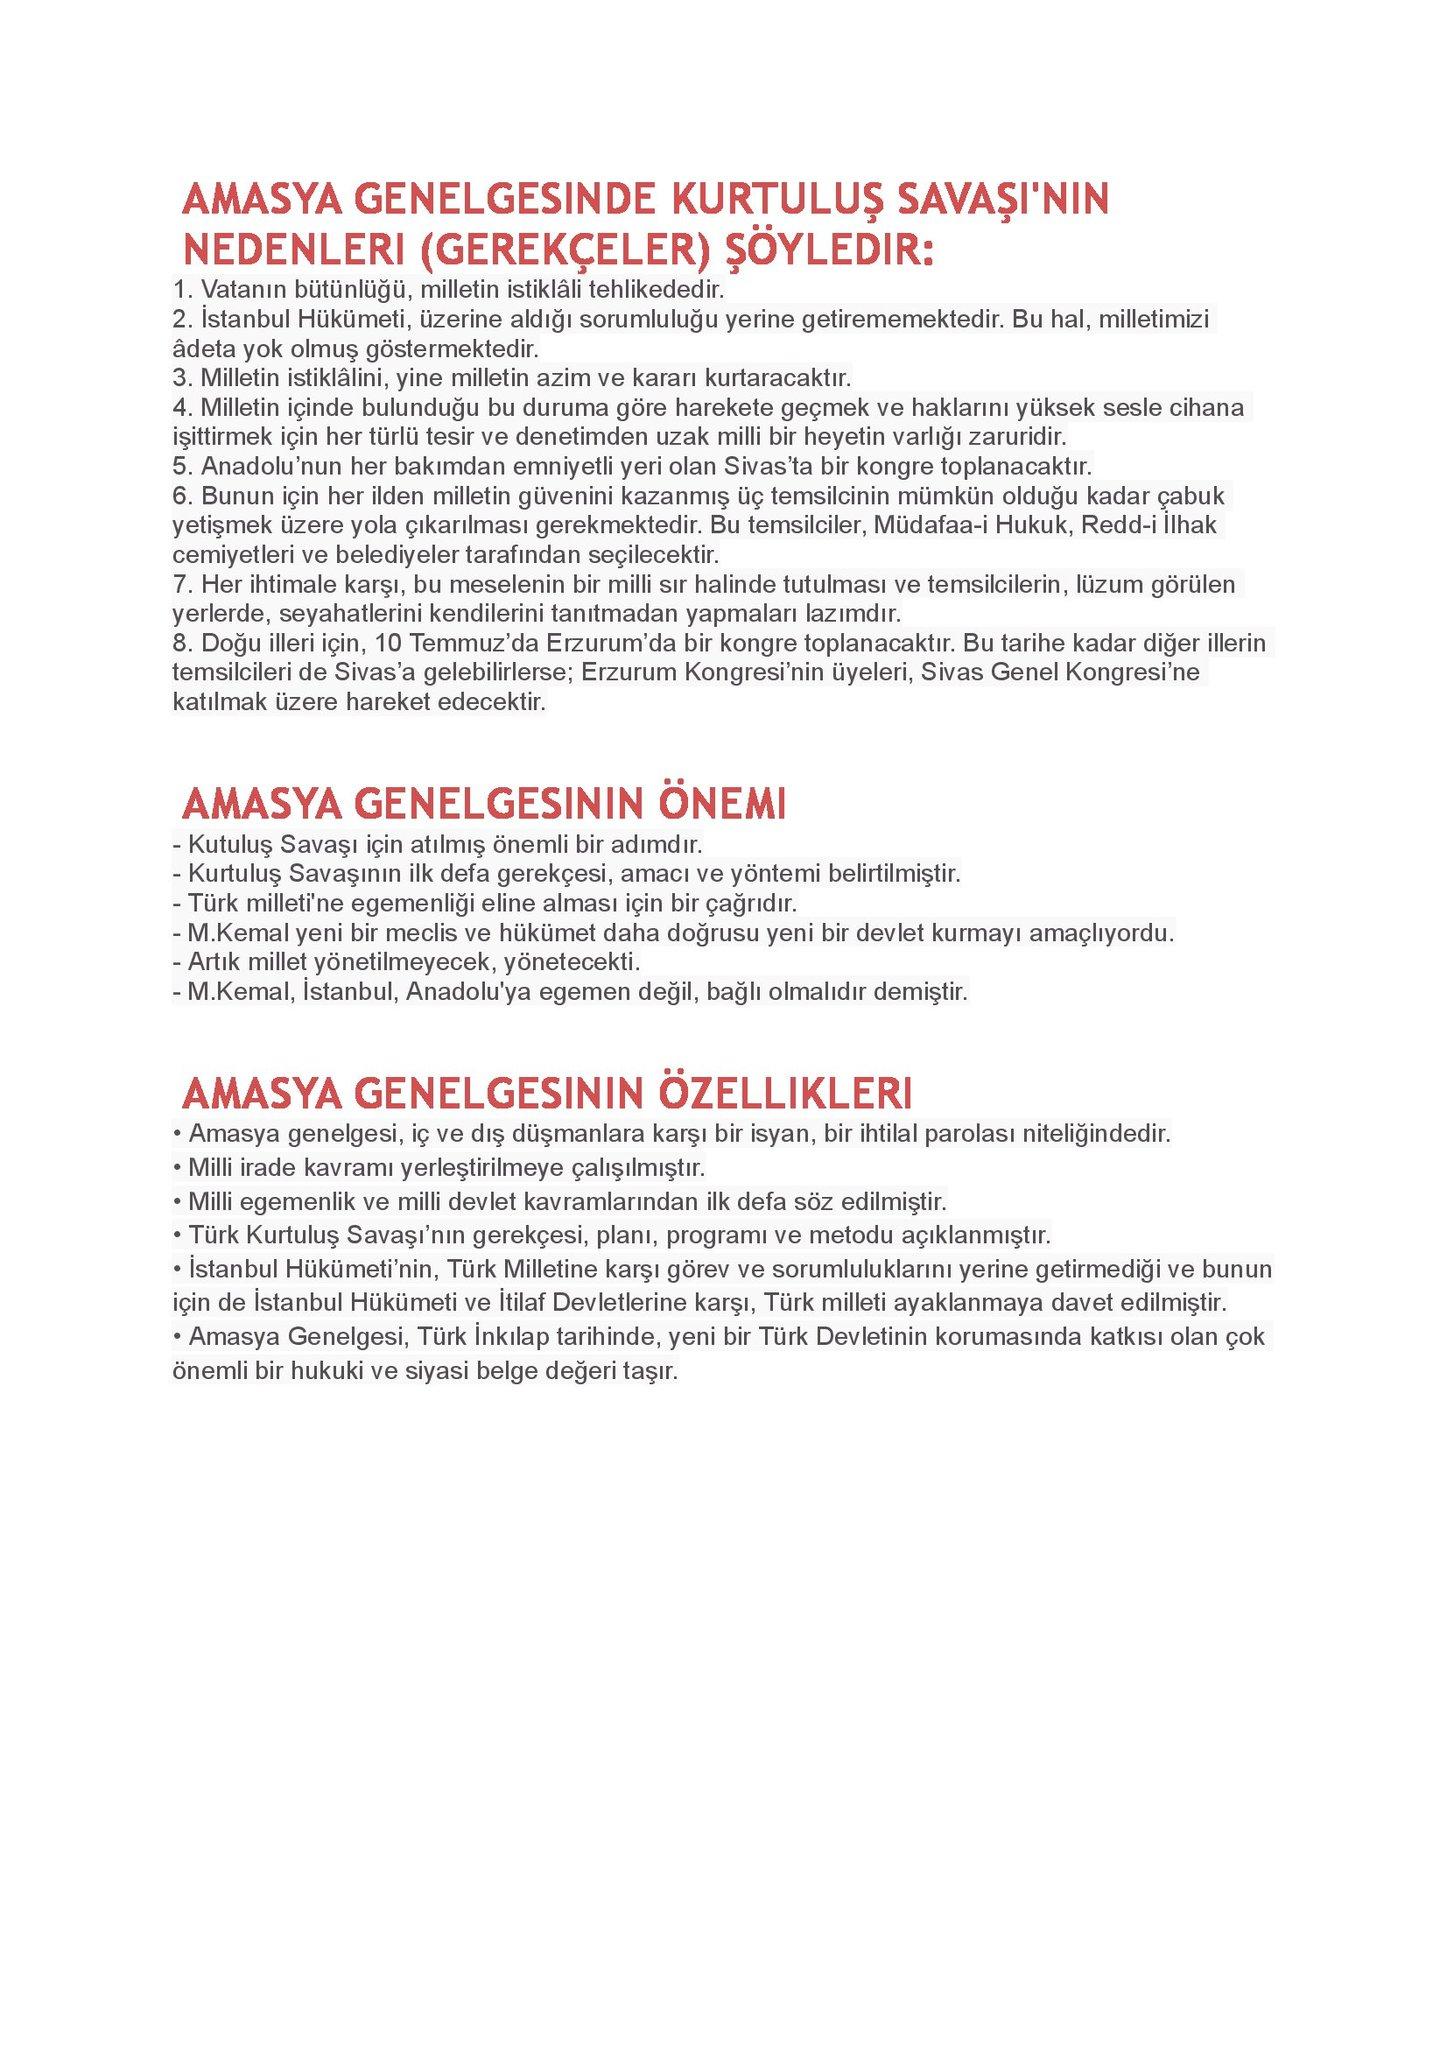 K6V4q0 - Tc.ink.tar.ve atatürkçülük konuları ile ilgili tüm soru cevap konular